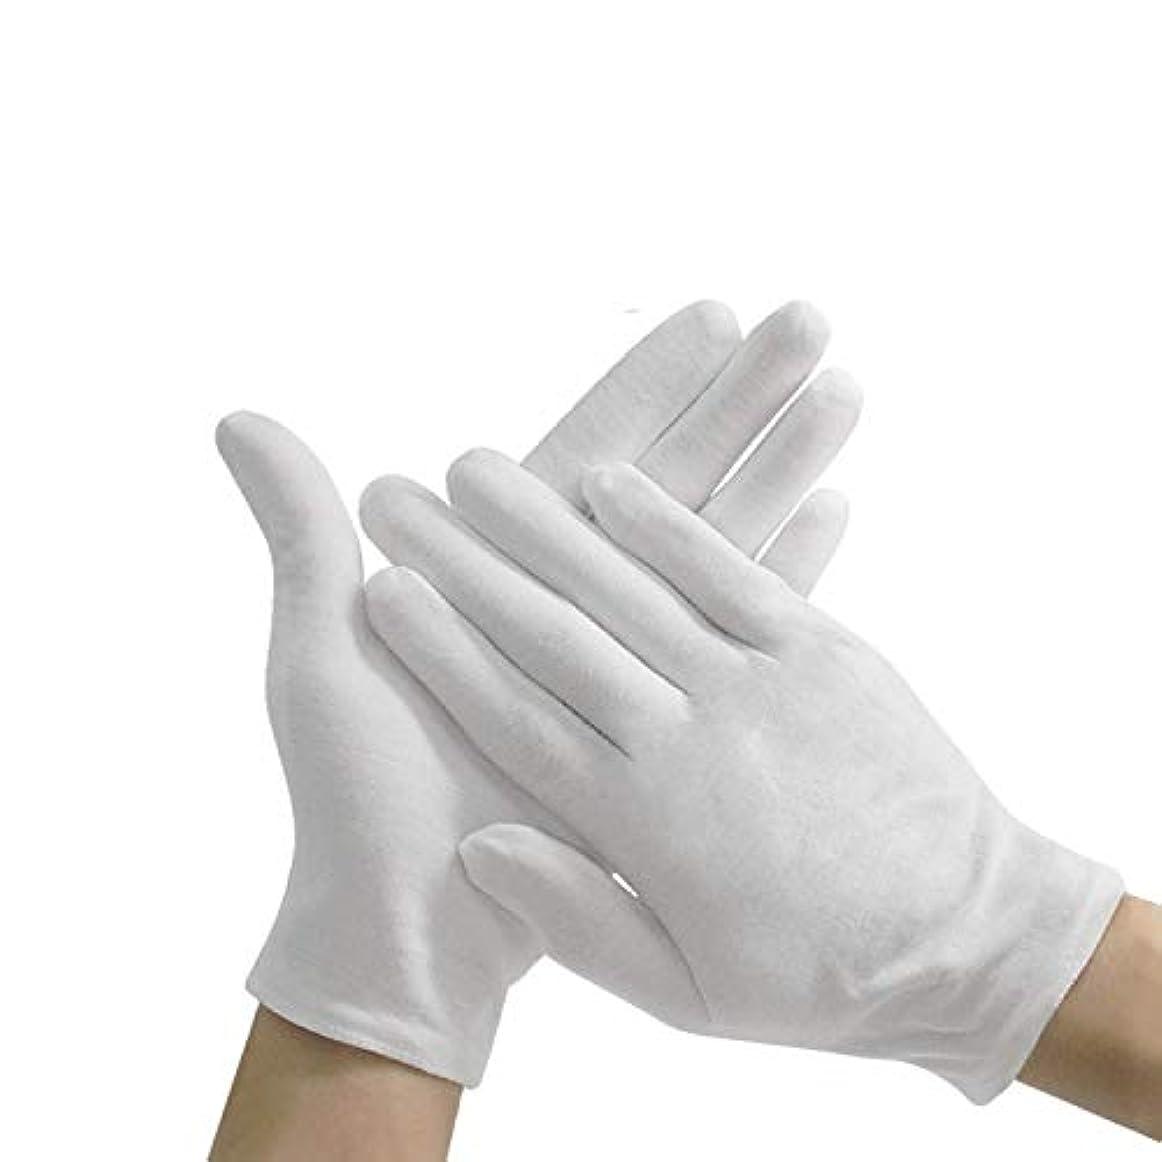 口頭またねスペースコットン手袋 純綿100%耐久性が強い上に軽く高品質伸縮性通気性抜群 白 12双組